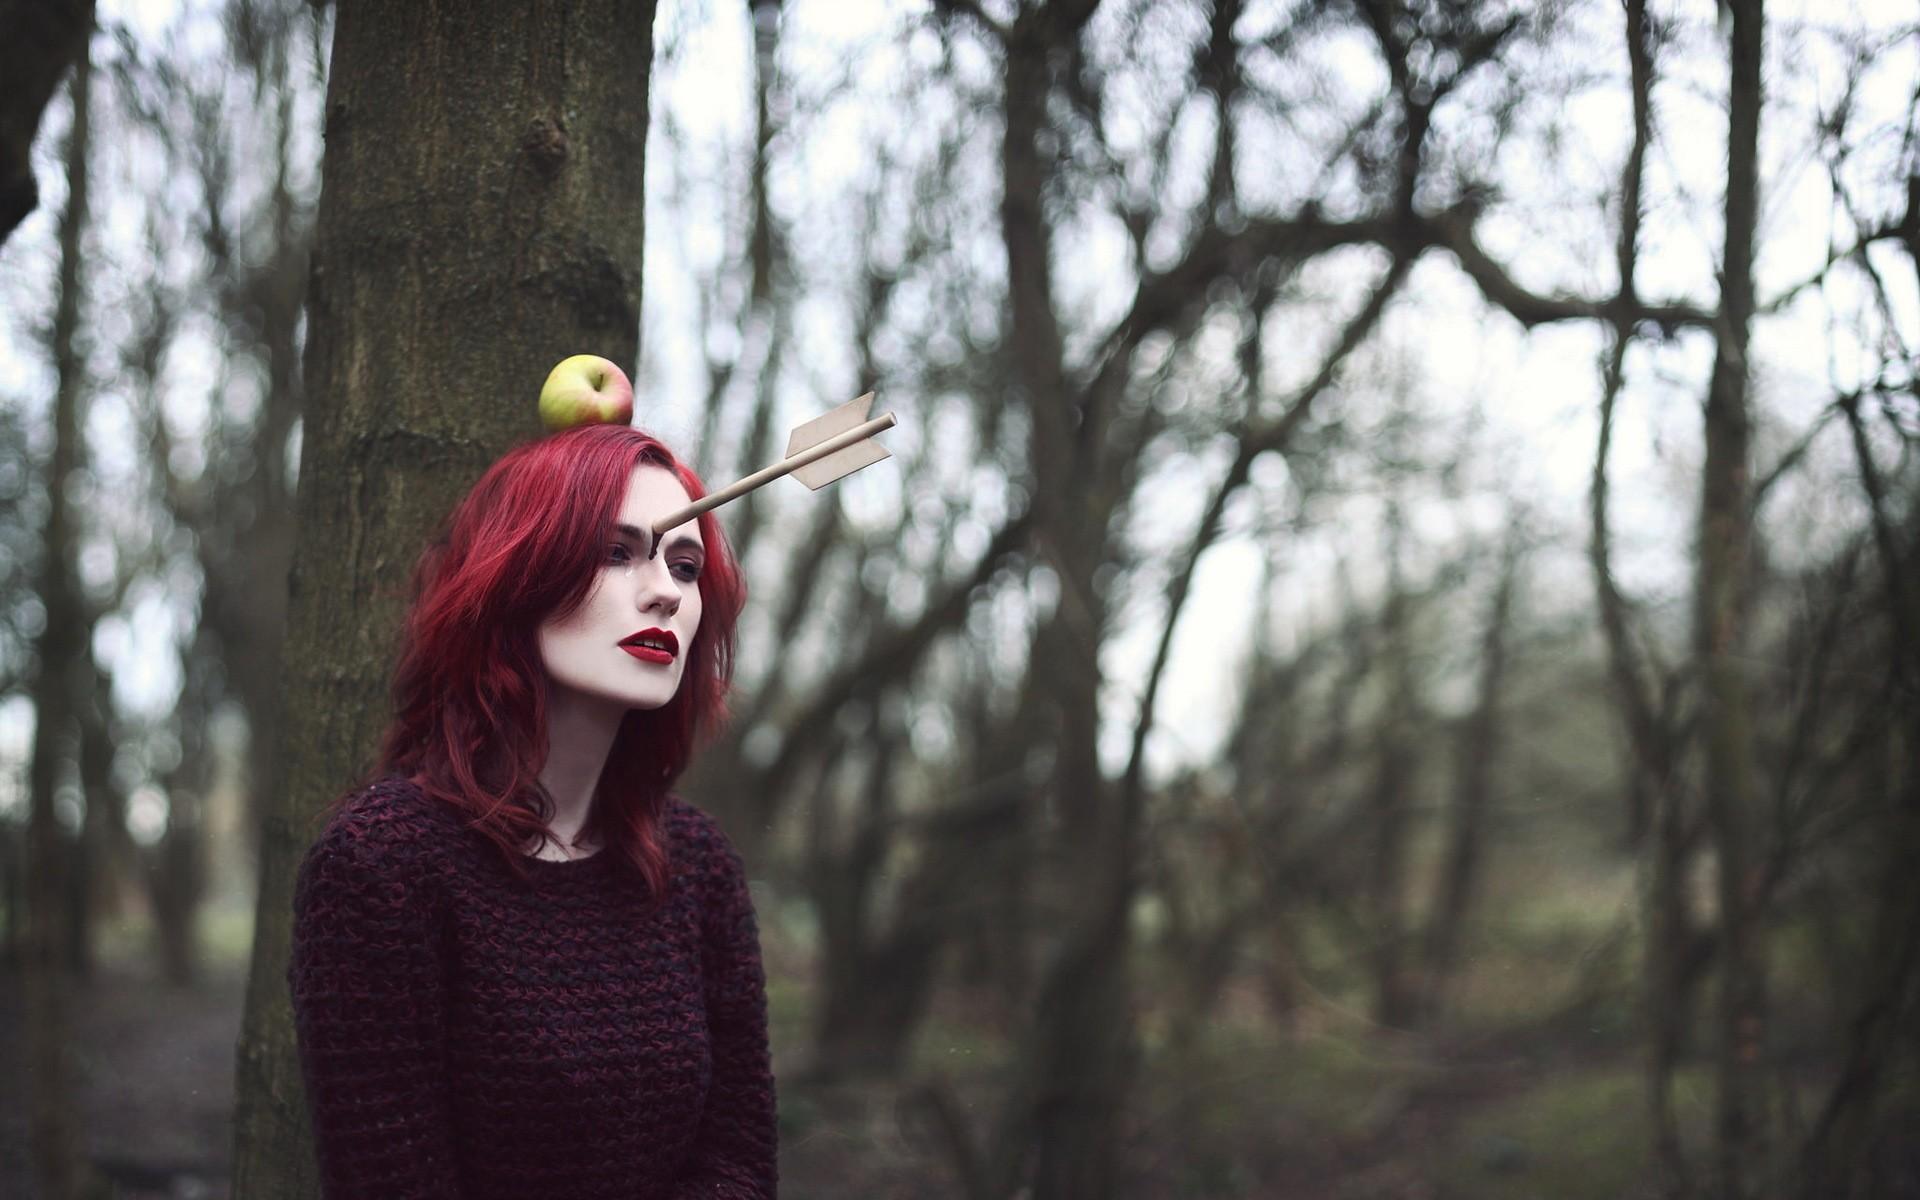 виды яблоко на голове картинки для театральных выступлений